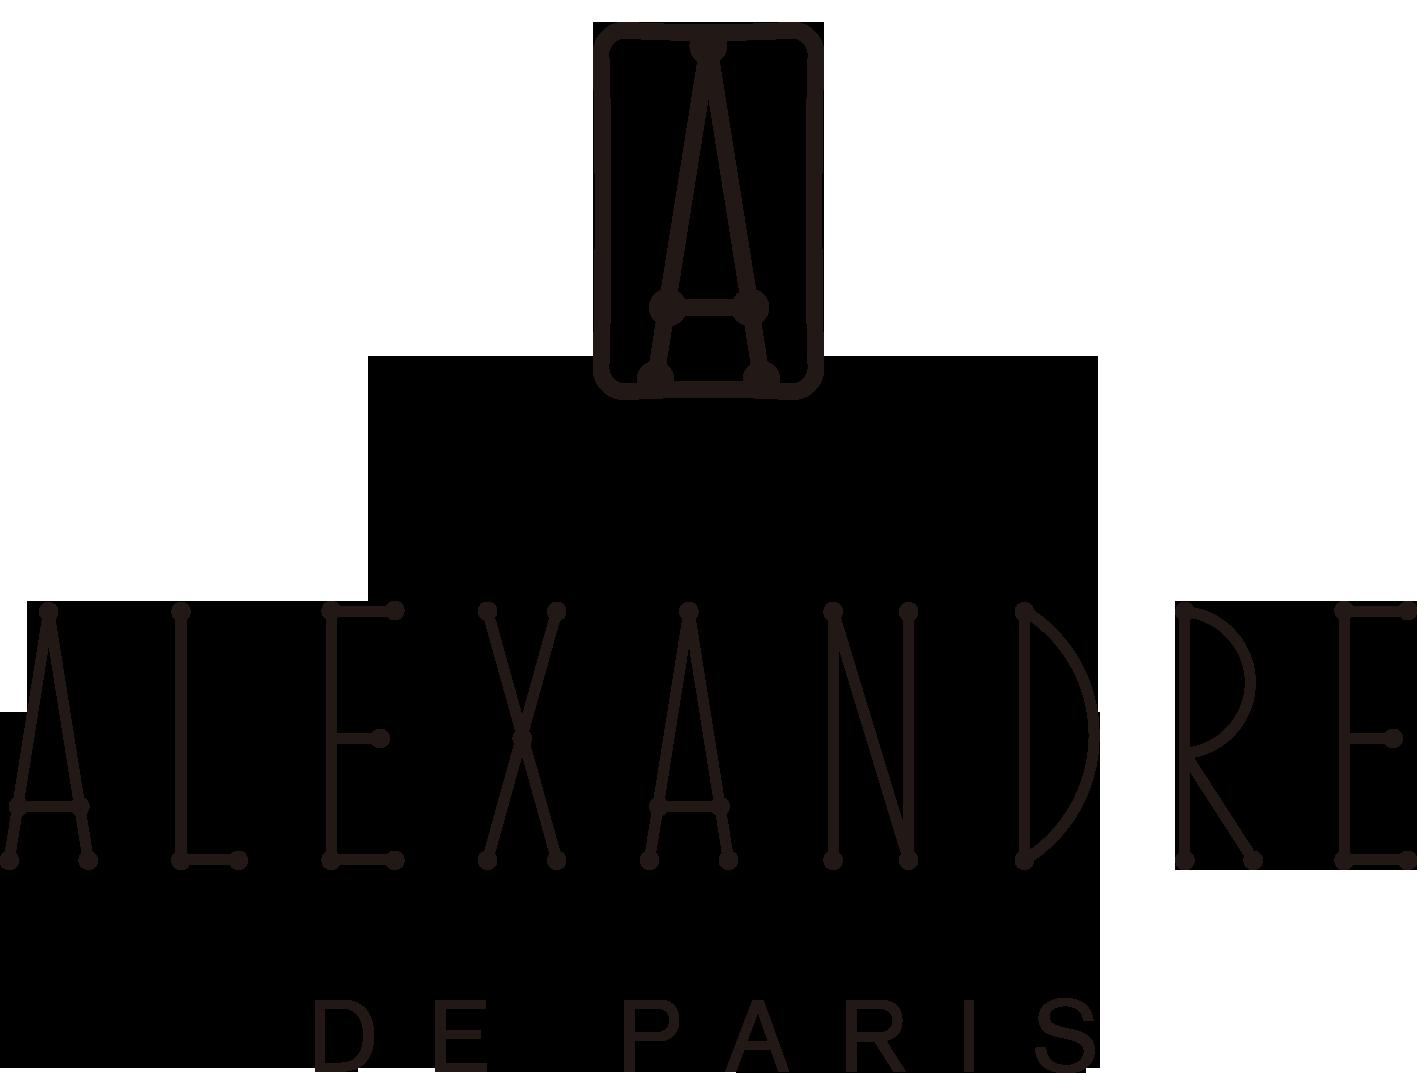 Alexandre Paris